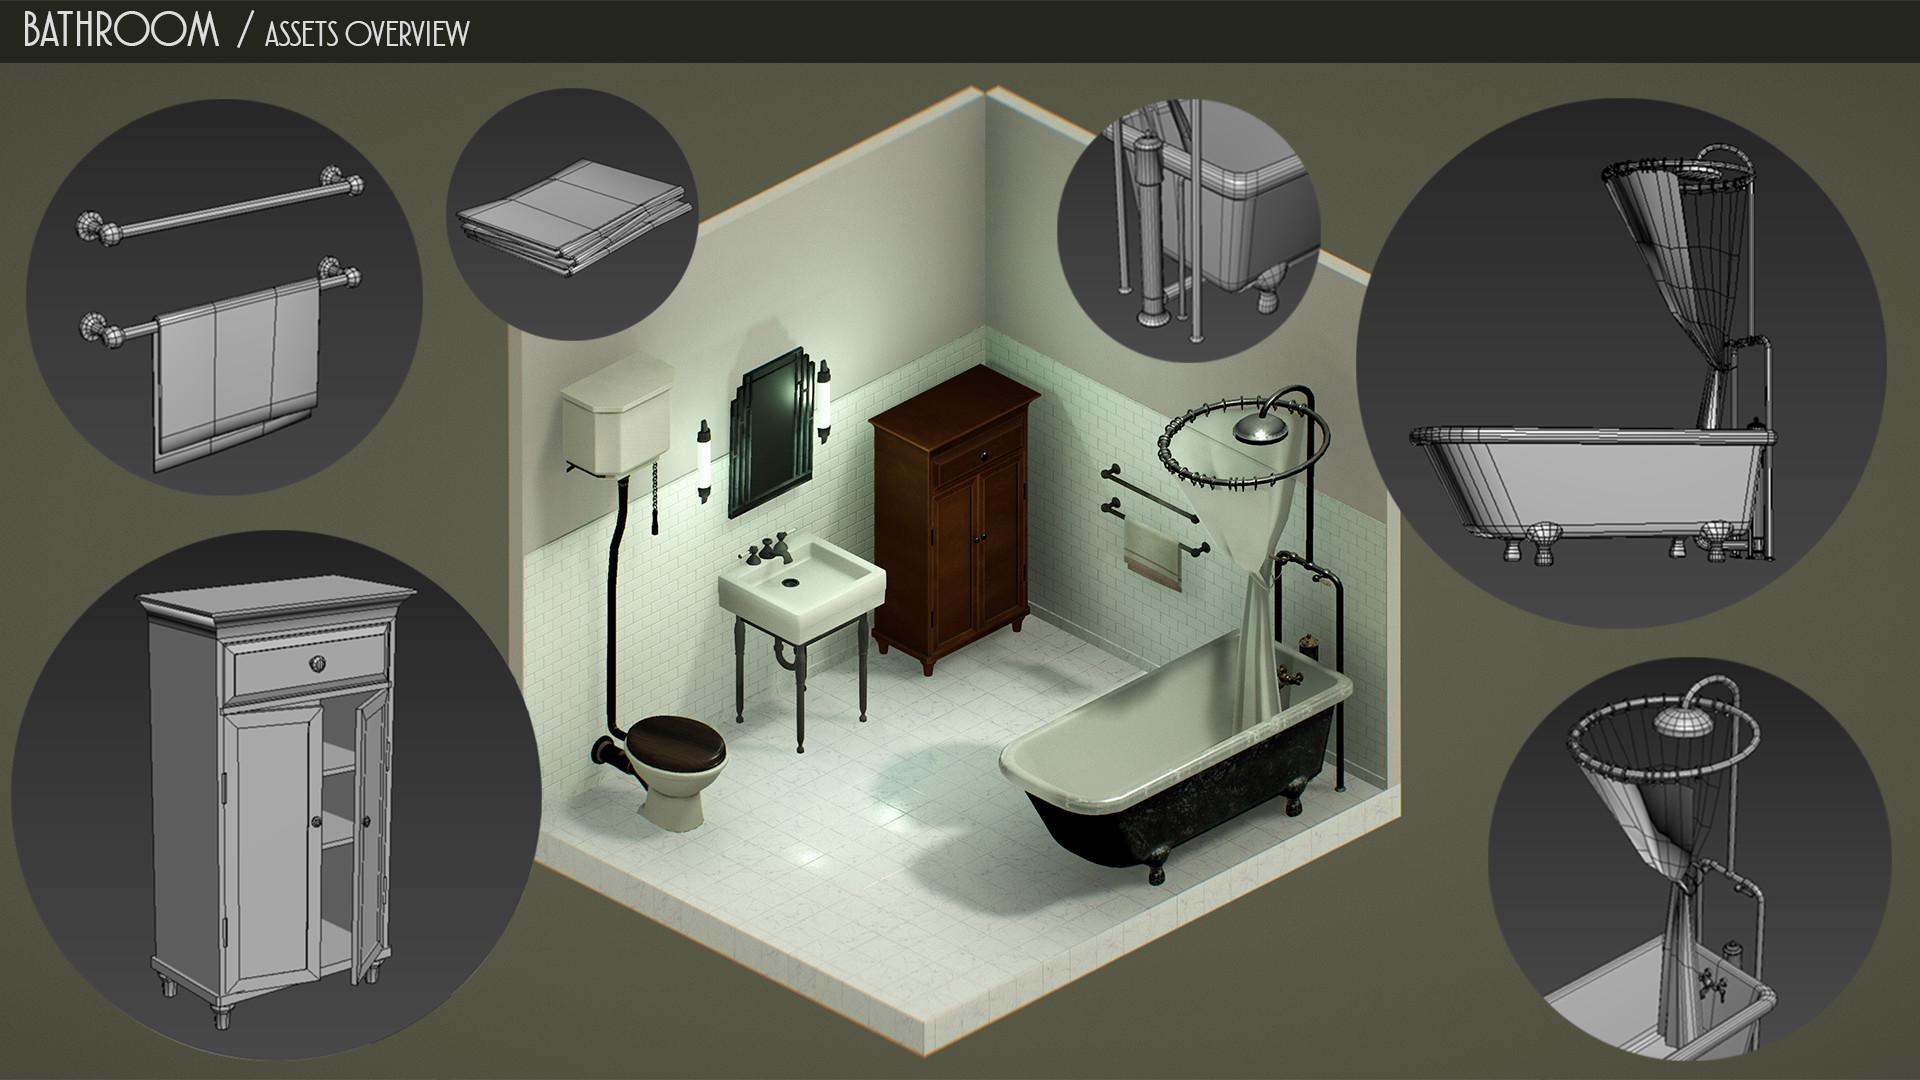 Augustin grassien bathroom assetsoverview